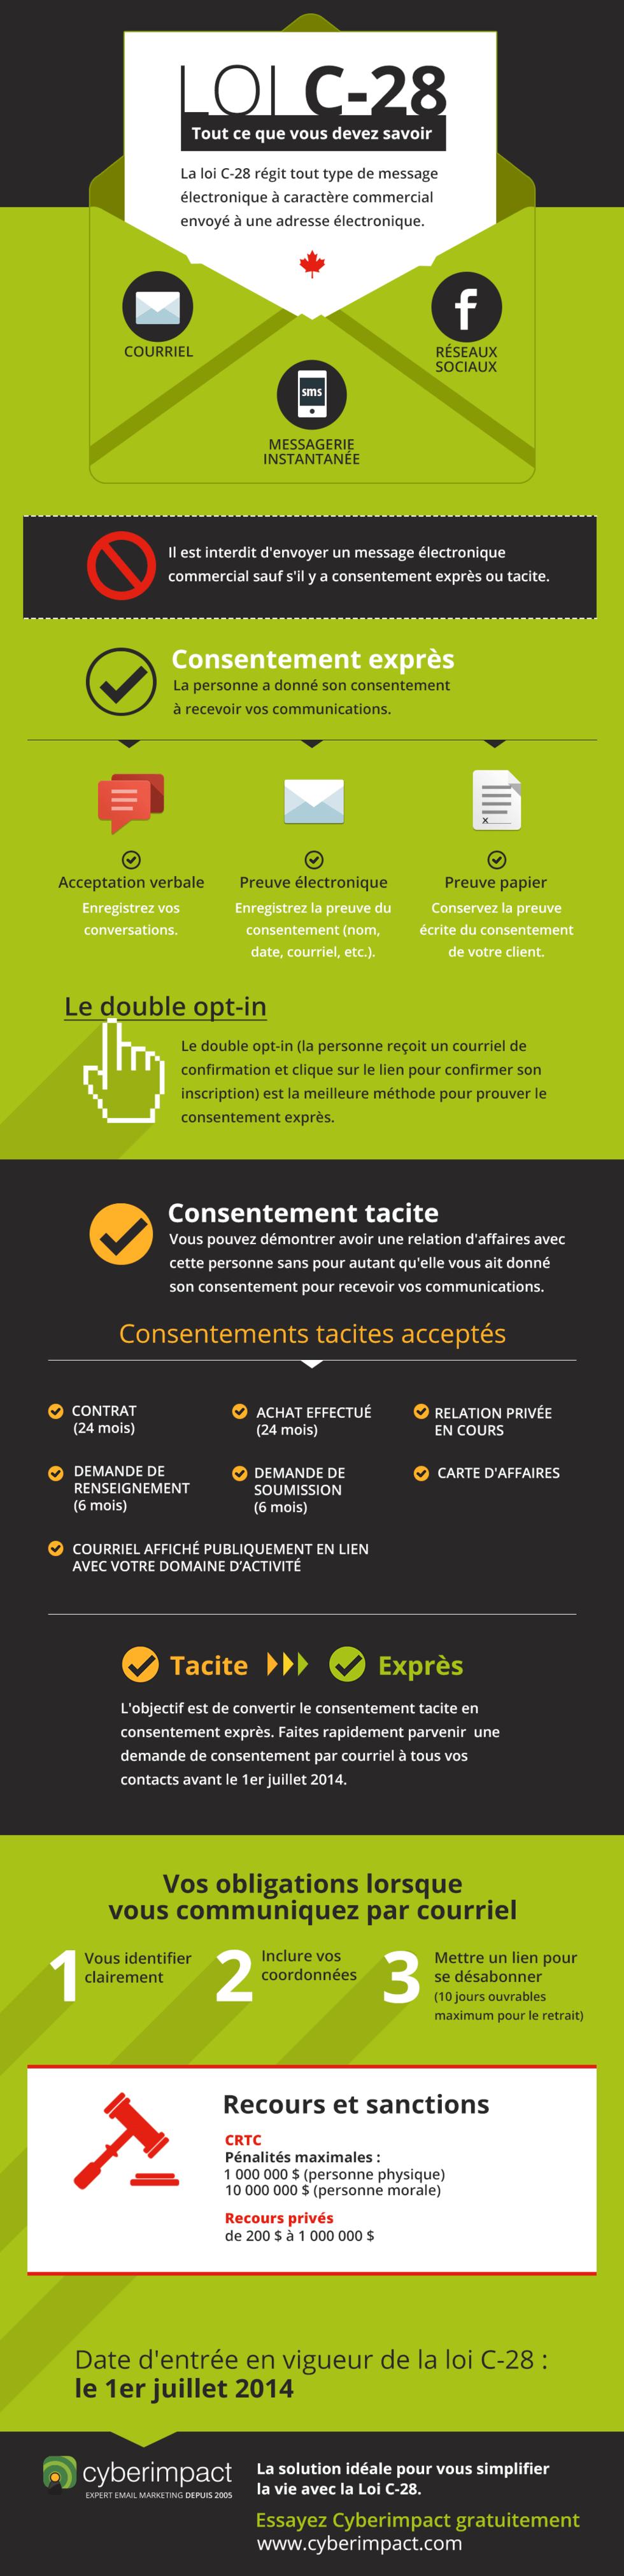 Loi-C28-antipourriel-infographie